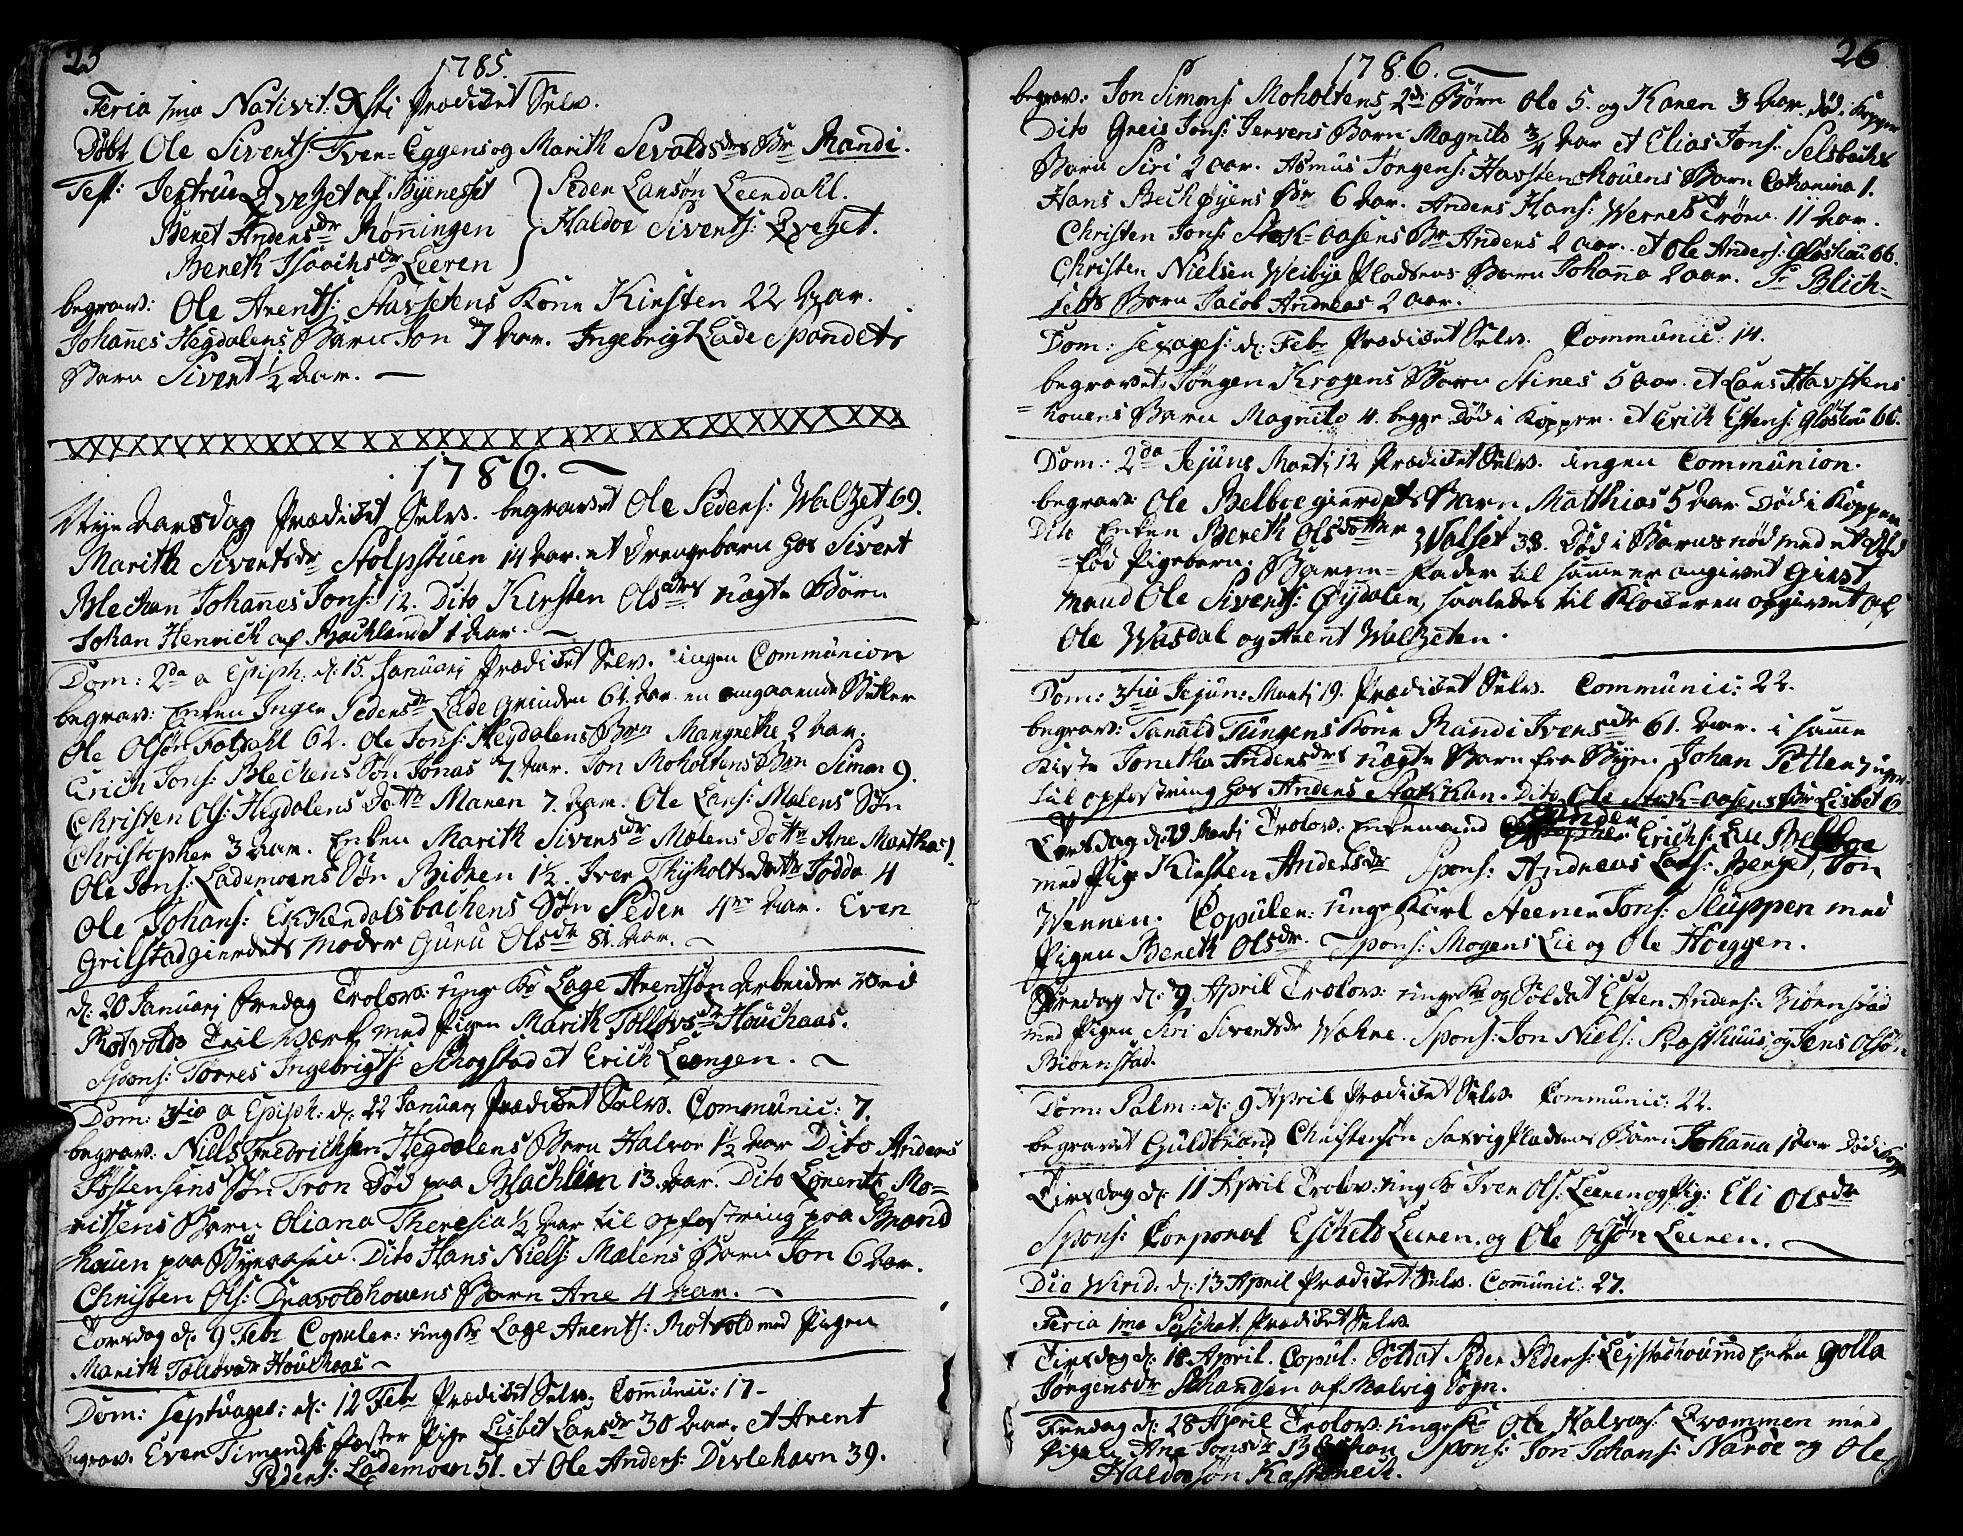 SAT, Ministerialprotokoller, klokkerbøker og fødselsregistre - Sør-Trøndelag, 606/L0280: Ministerialbok nr. 606A02 /1, 1781-1817, s. 25-26